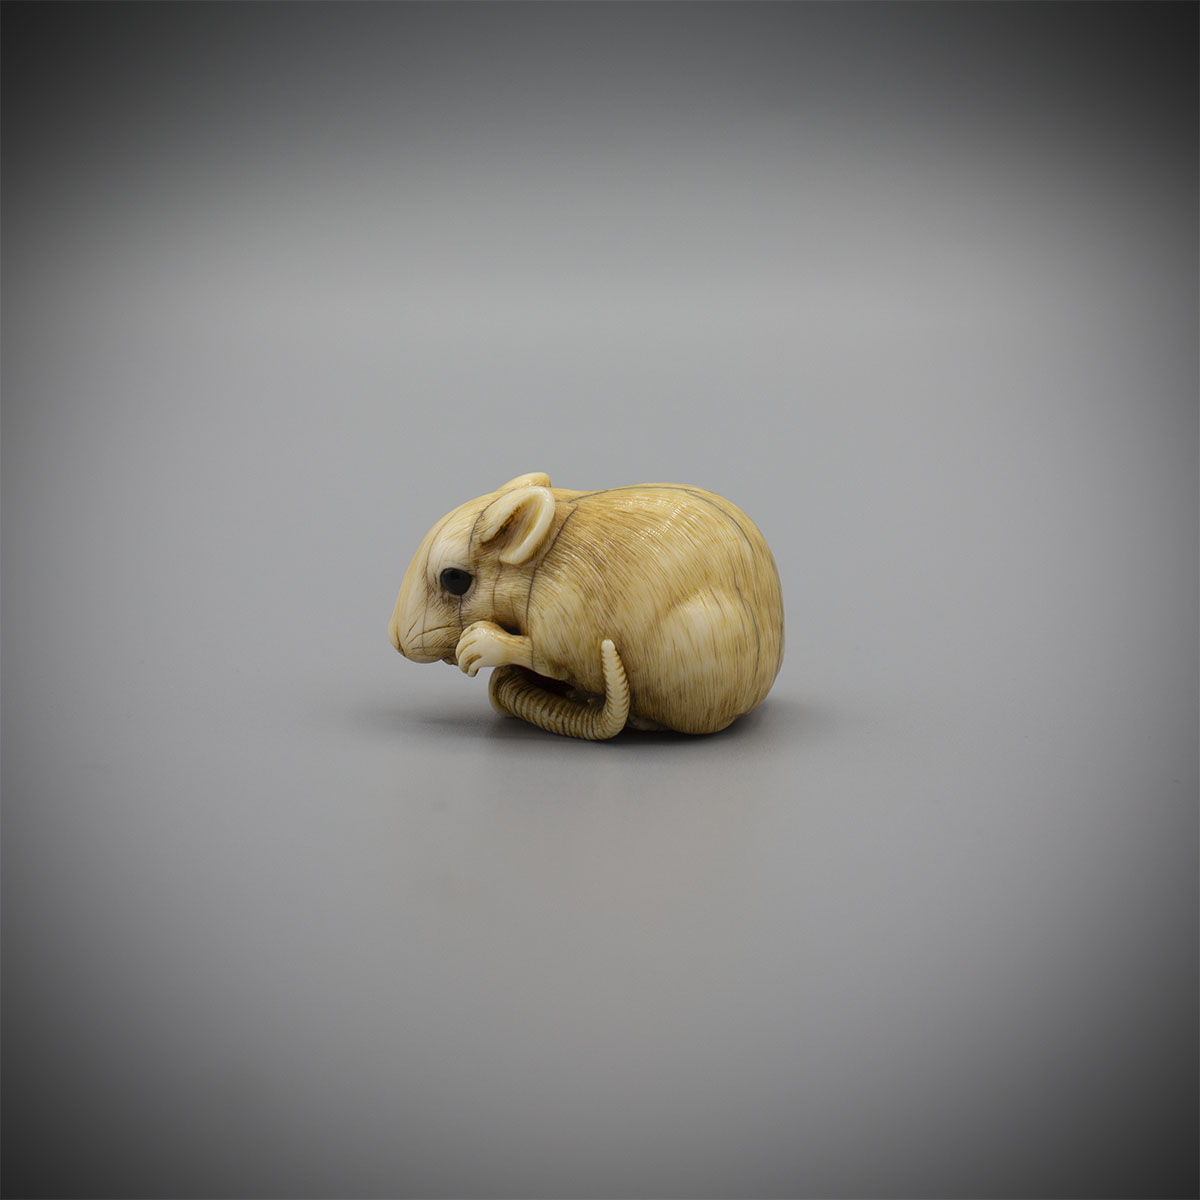 Exceptional ivory rat, by Okakoto, MR3228_v1